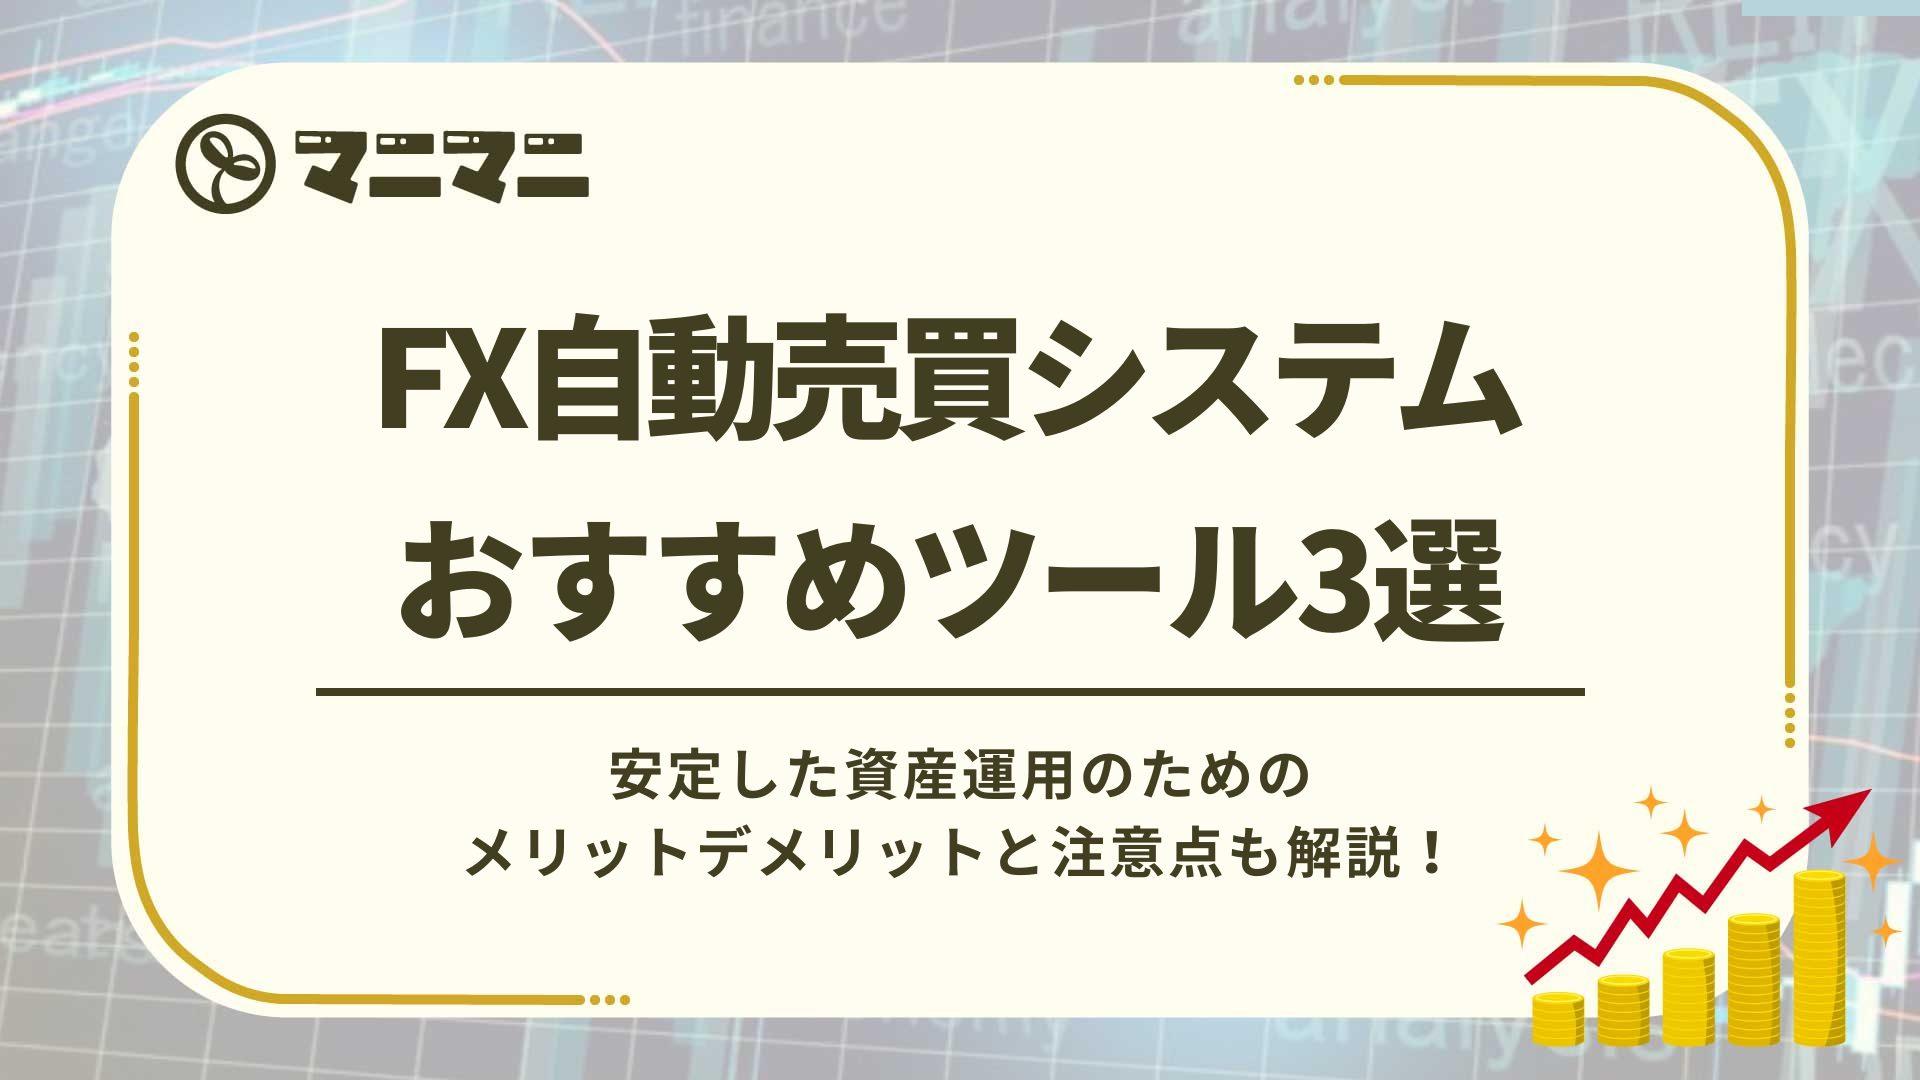 FXの自動売買システムについて徹底解説【忙しい人におすすめ!】